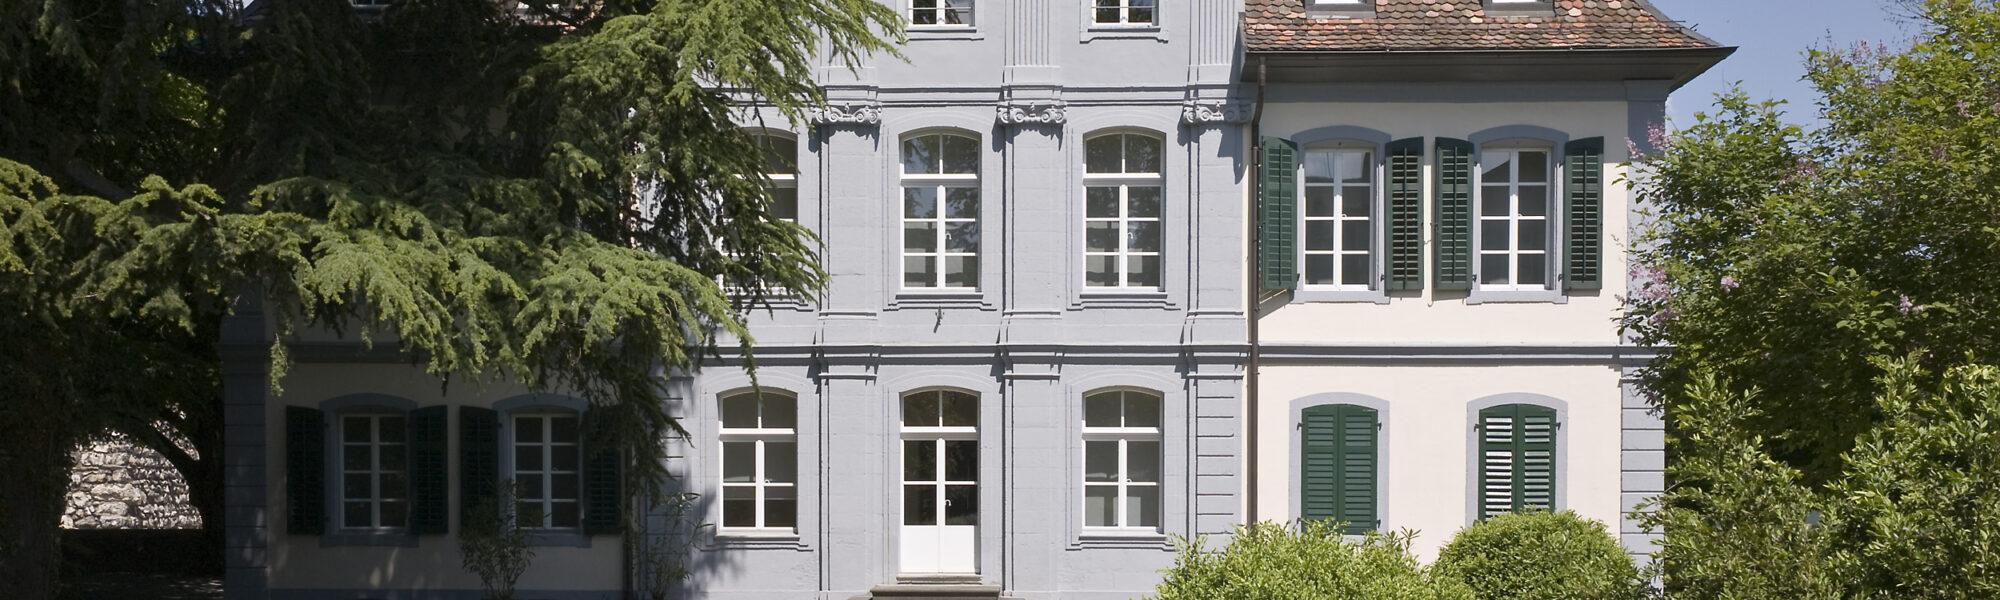 Haus zum Schlossgarten